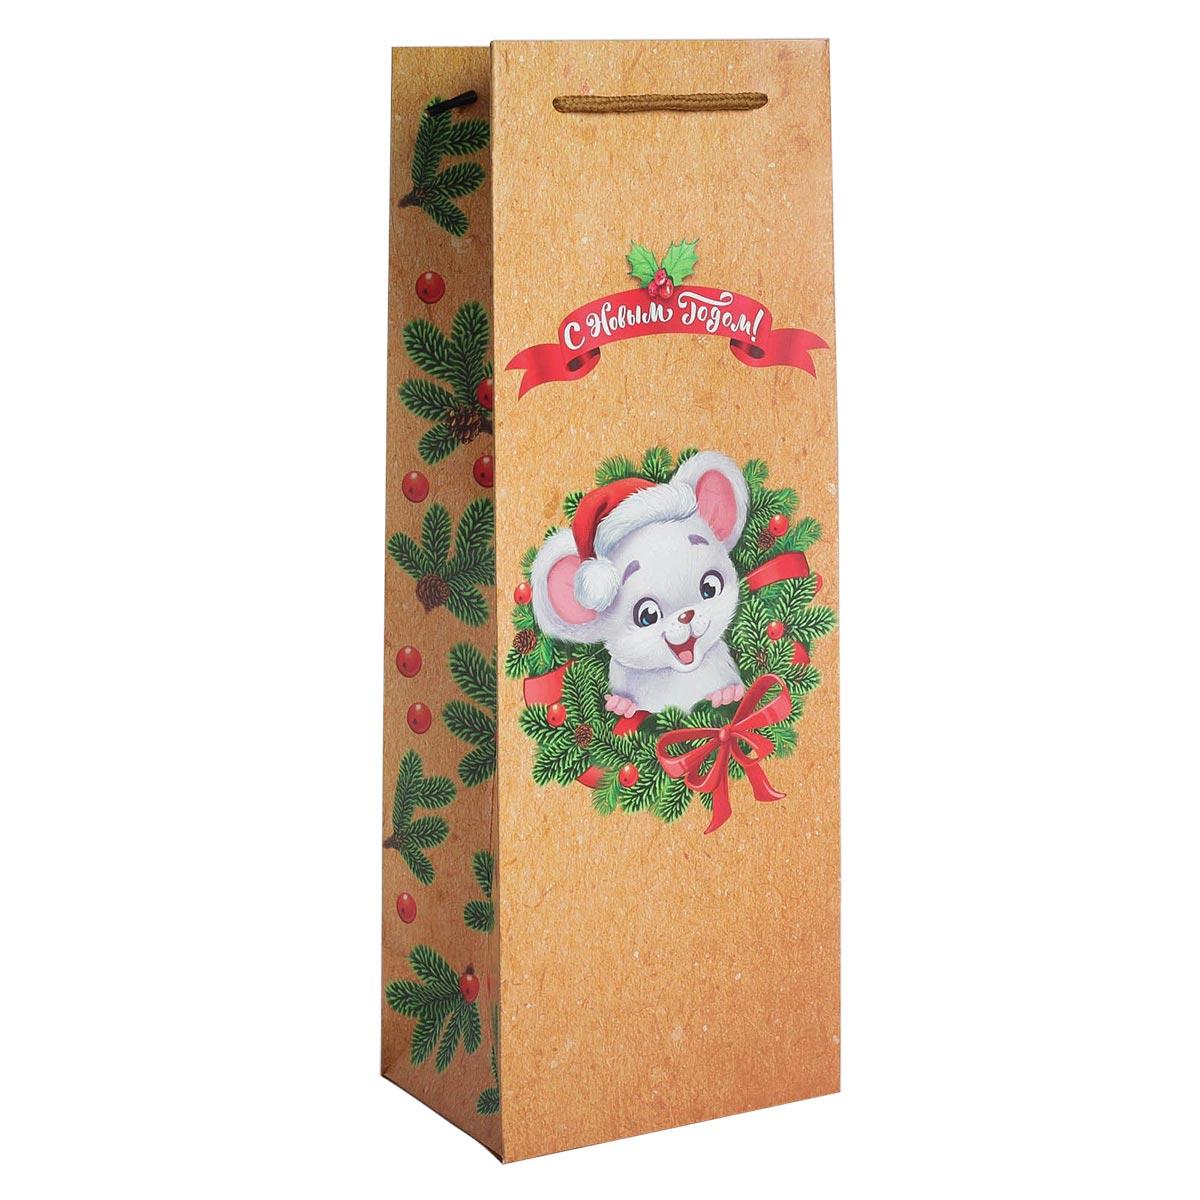 4275591 Пакет под бутылку крафтовый 'Веселого праздника' 13*36*10 см